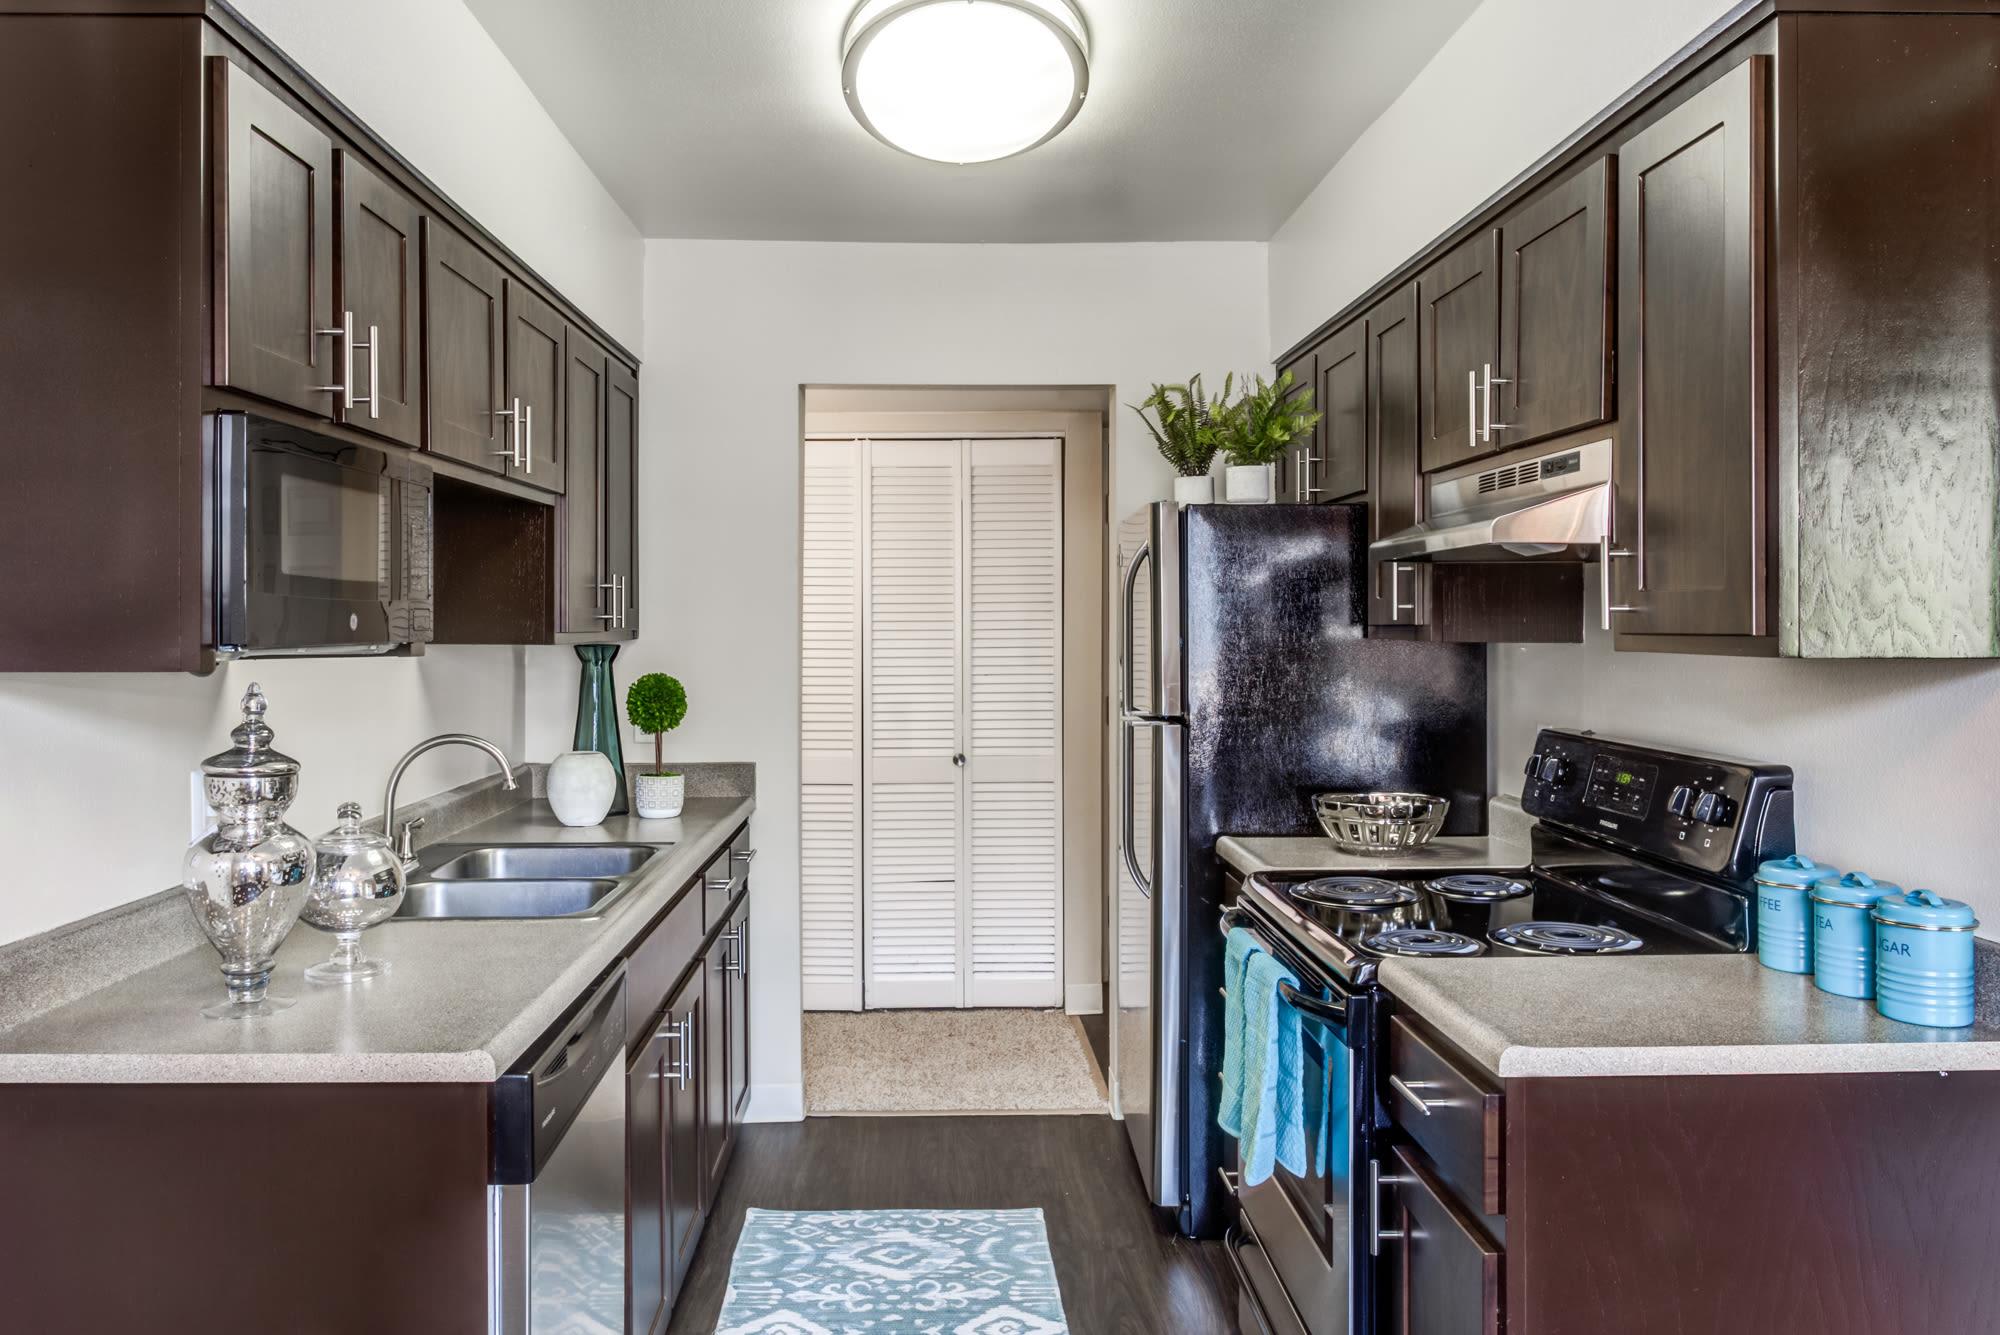 Kitchen at Royal Ridge Apartments